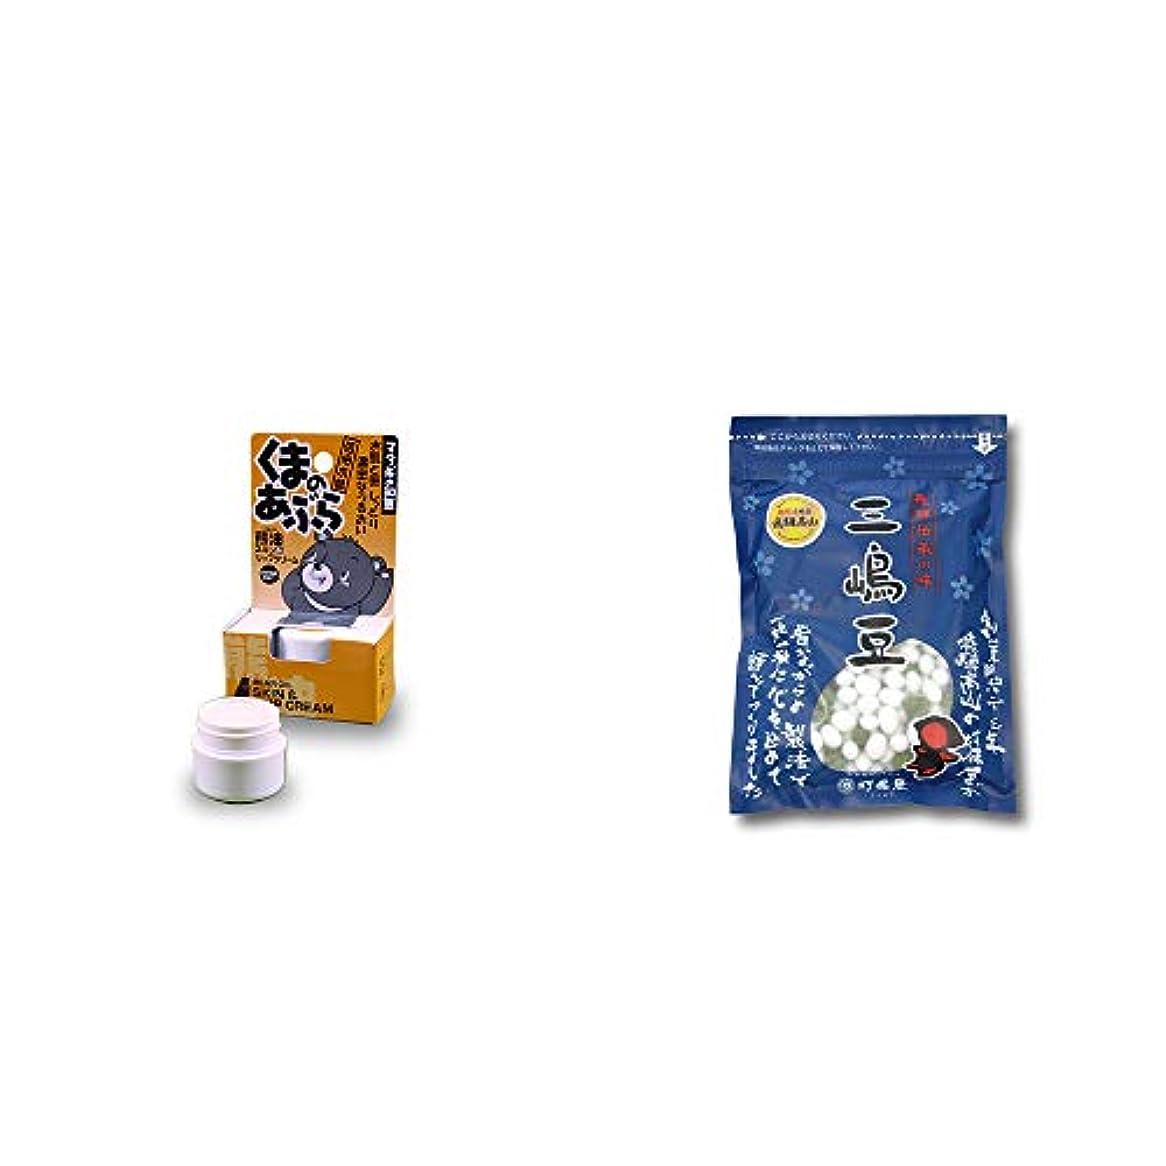 自体アーティキュレーションに向けて出発[2点セット] 信州木曽 くまのあぶら 熊油スキン&リップクリーム(9g)?飛騨 打保屋 駄菓子 三嶋豆(150g)